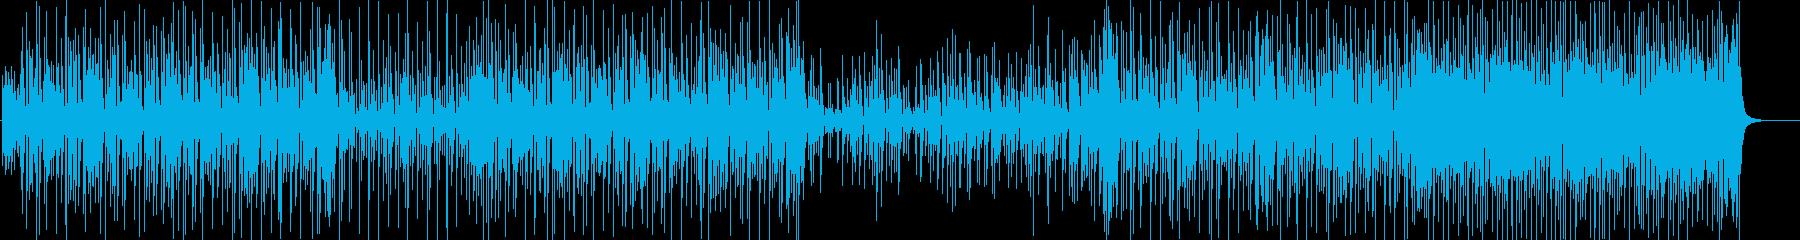 軽快で熱いモータウンサウンドの再生済みの波形